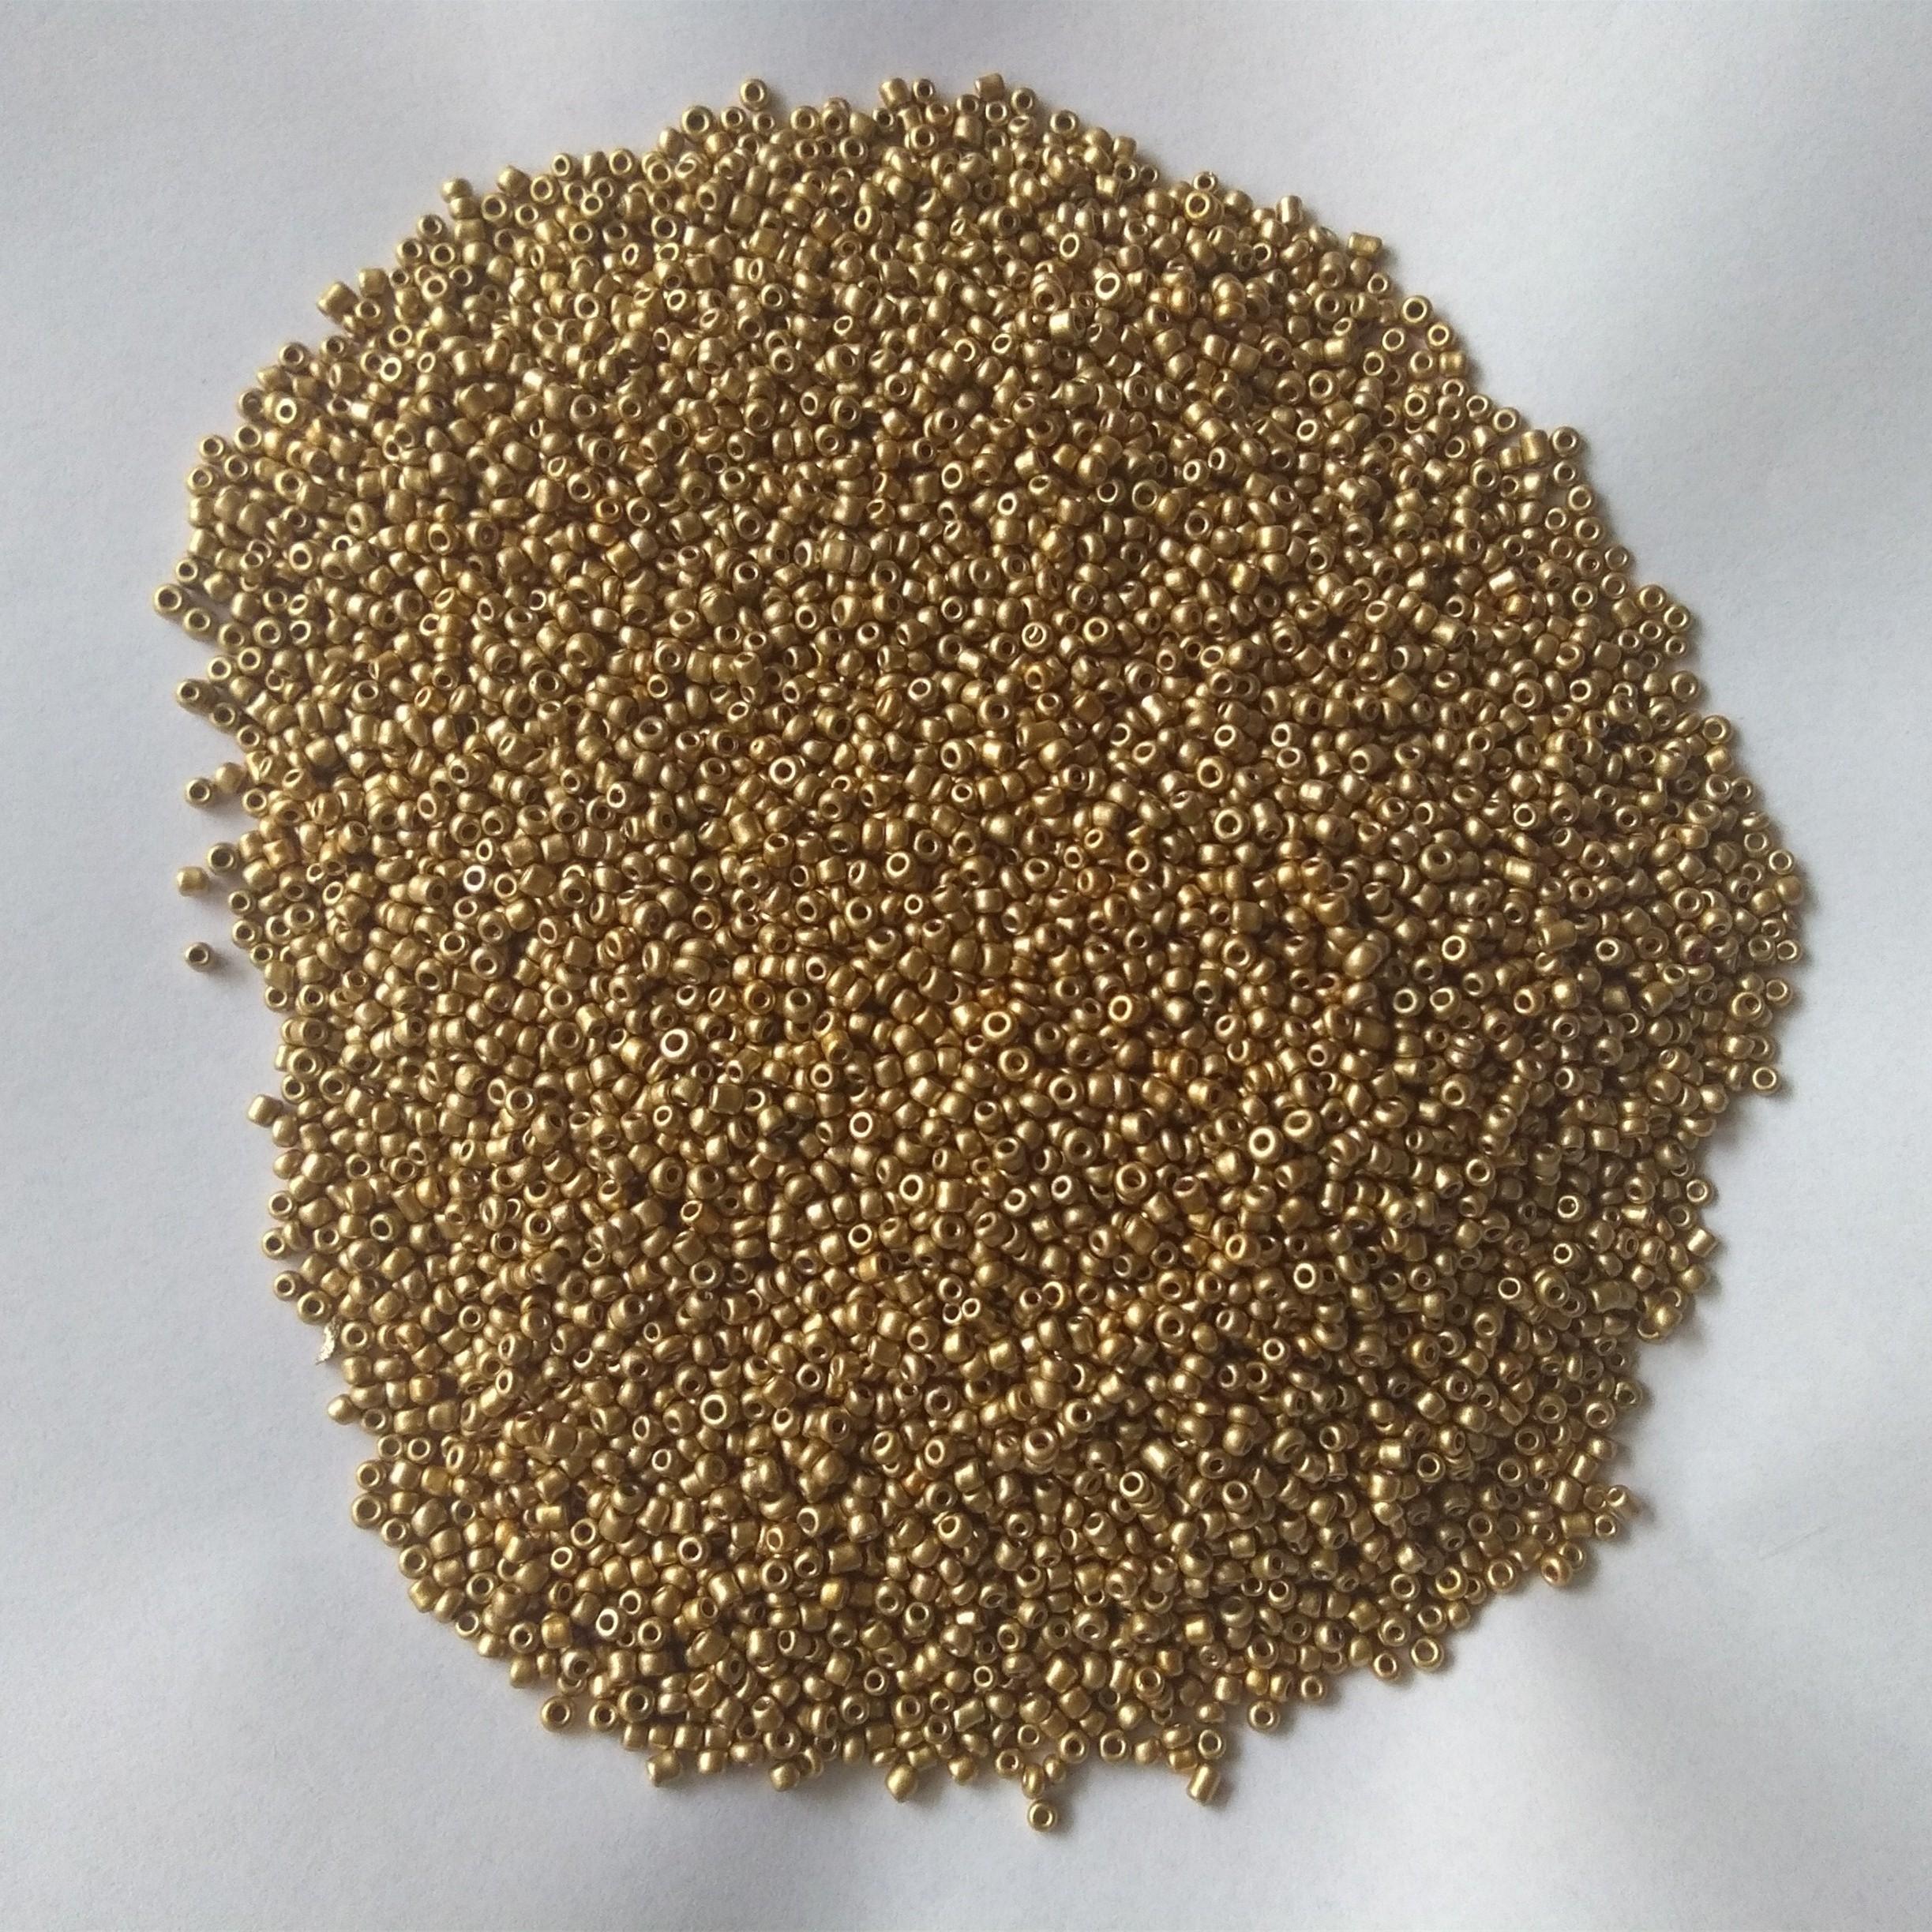 Commercio all'ingrosso in bulk 2 millimetri 3 millimetri 4 millimetri perfetto opaco oro perline di vetro di colore solido